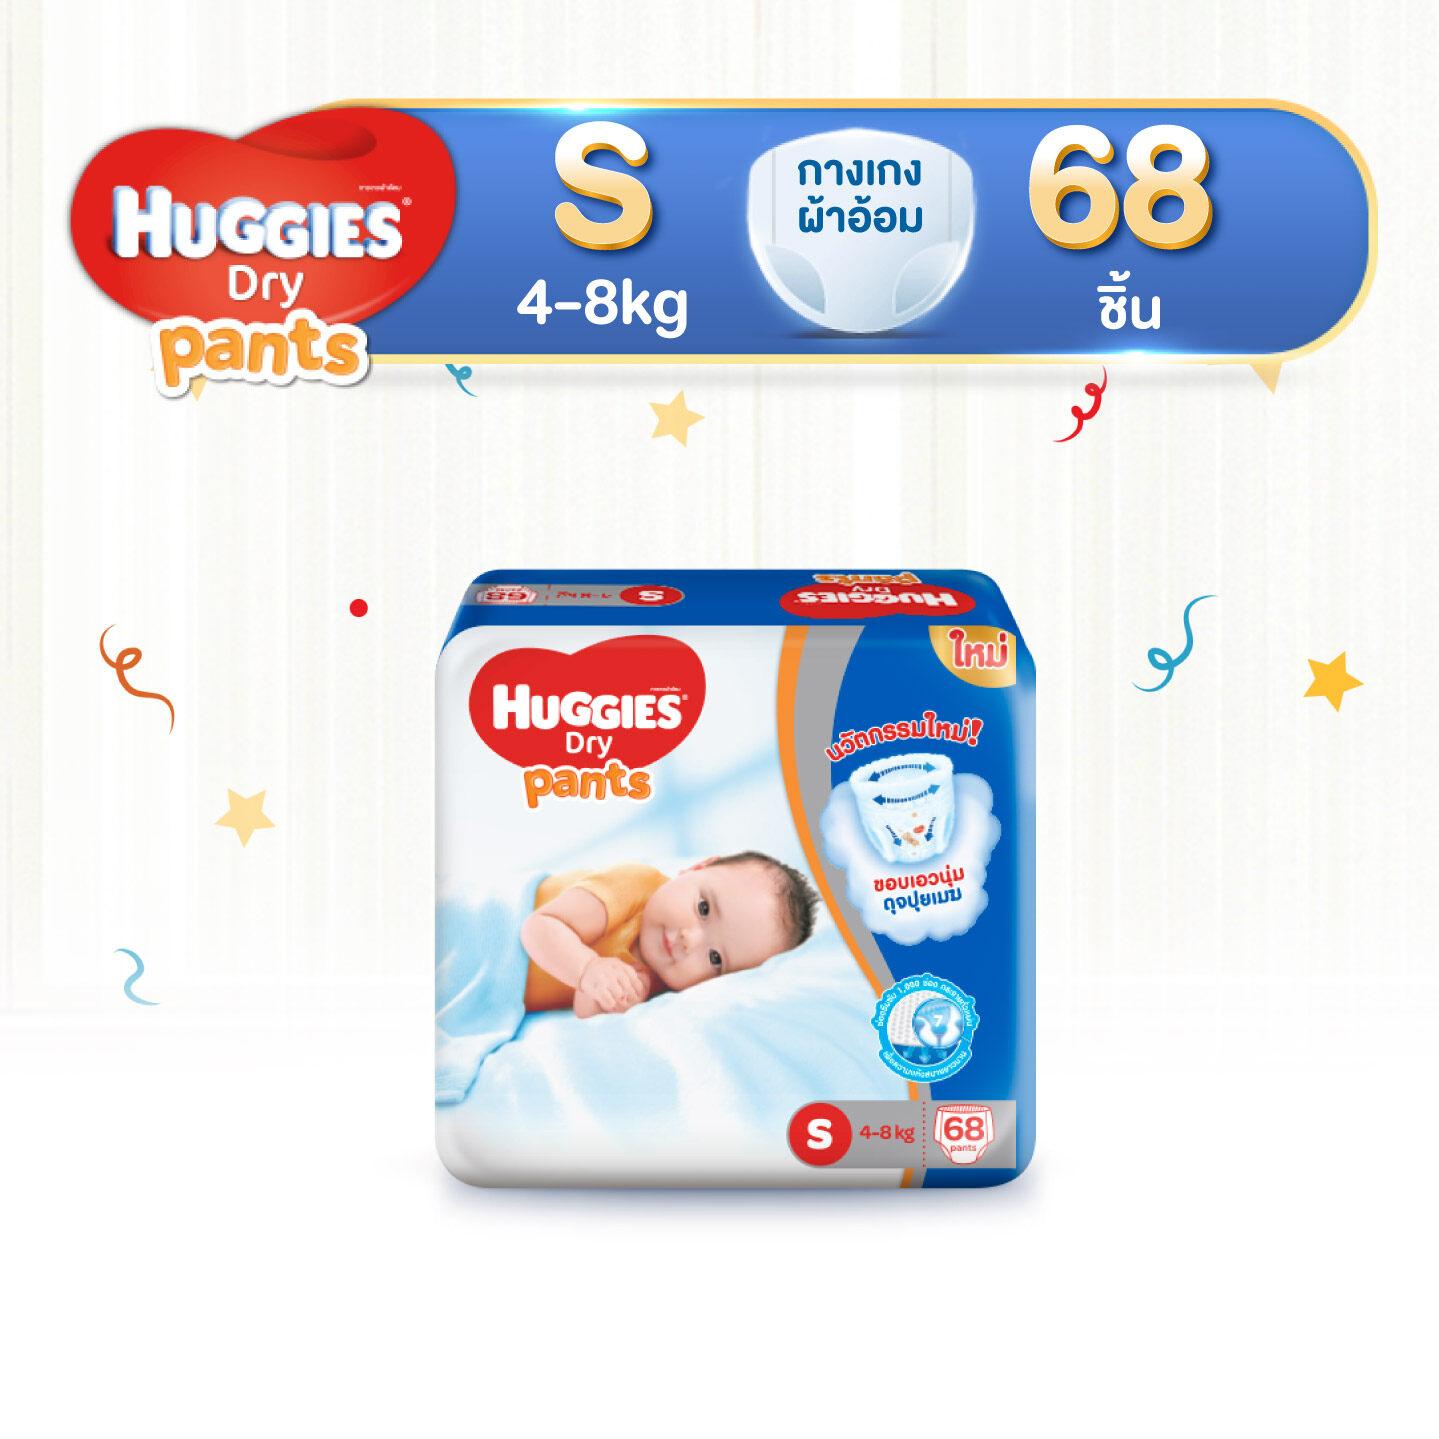 แนะนำ Huggies Dry Pant Diapers ฮักกี้ส์ ดราย แพ้นท์ ผ้าอ้อมเด็ก กางเกงผ้าอ้อม แพมเพิส ผ้าอ้อมเด็กชาย - หญิง ไซส์ S แพค 68 ชิ้น